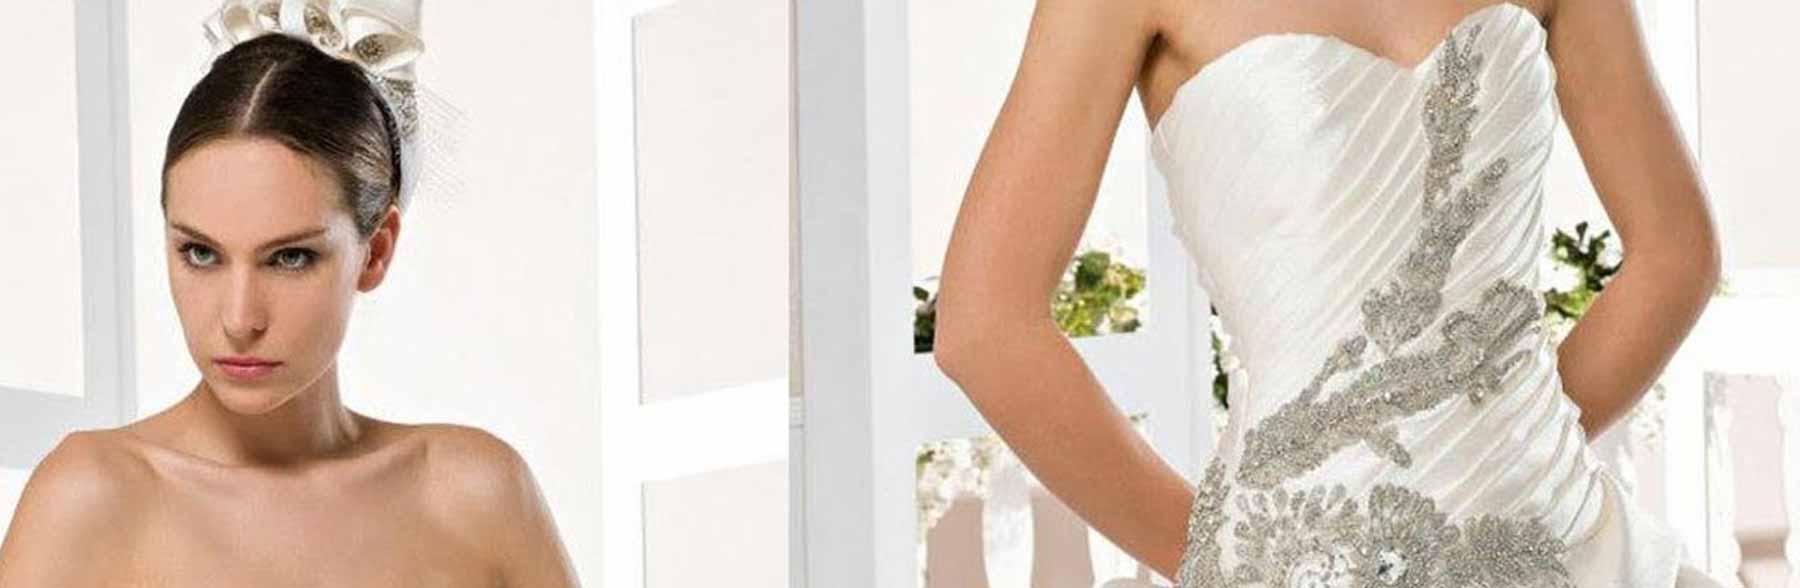 Bems Mode in Innsbruck -für  Braut und Brautigam